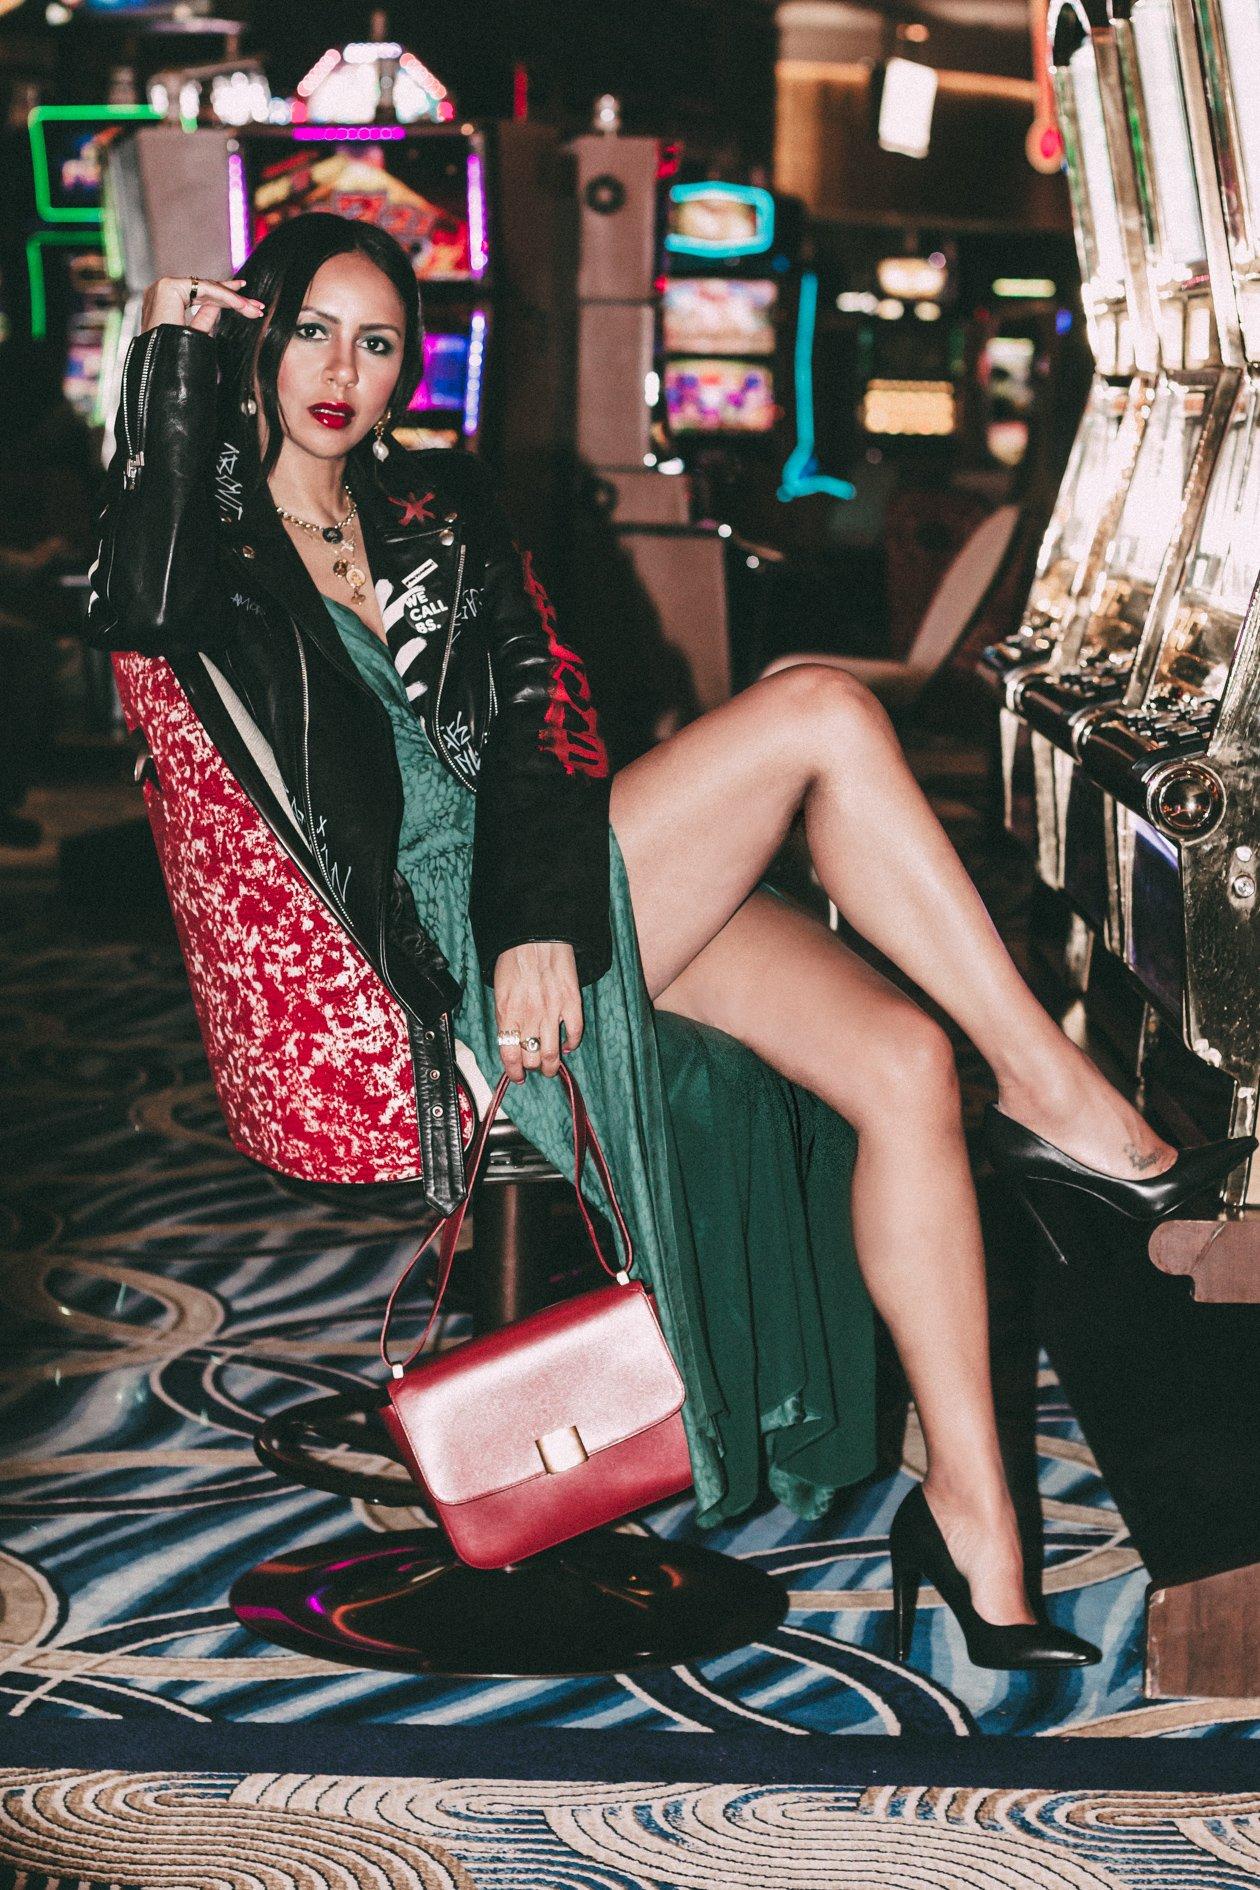 Kostenlose casino videospiele iq studie